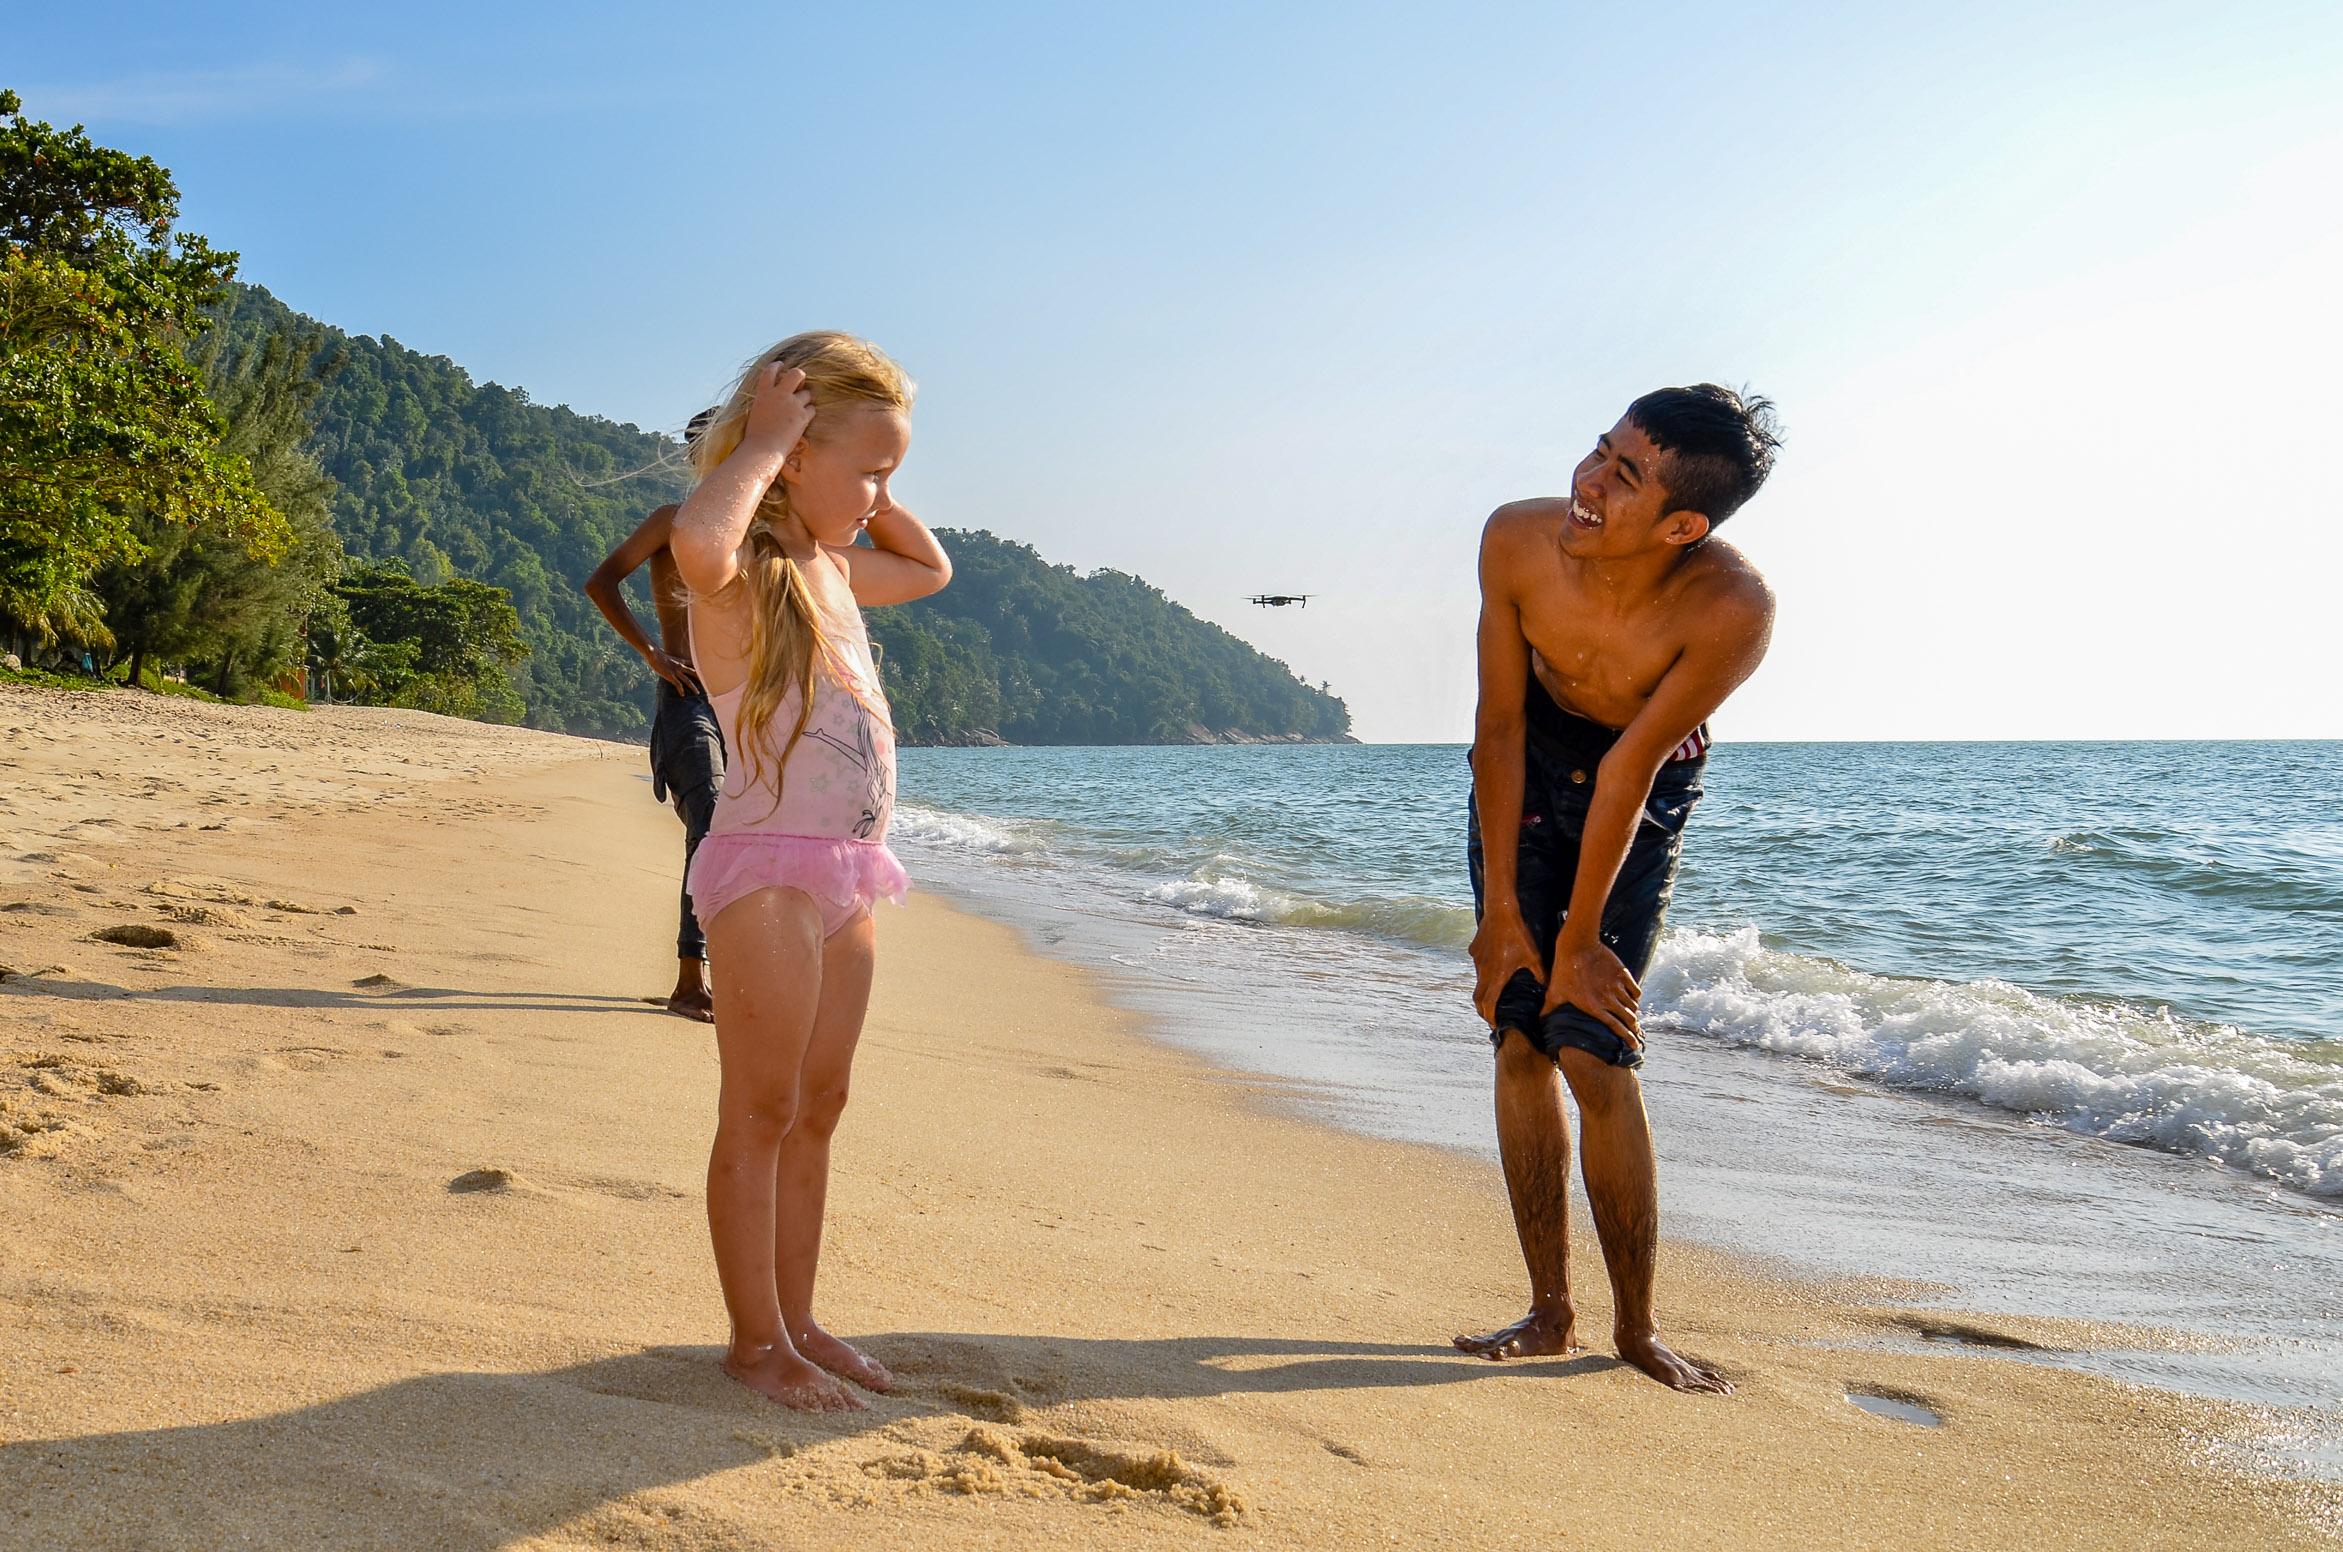 Koledzy z plaży okazali się być prawdziwymi dżentelmenami. Penang, Malezja.